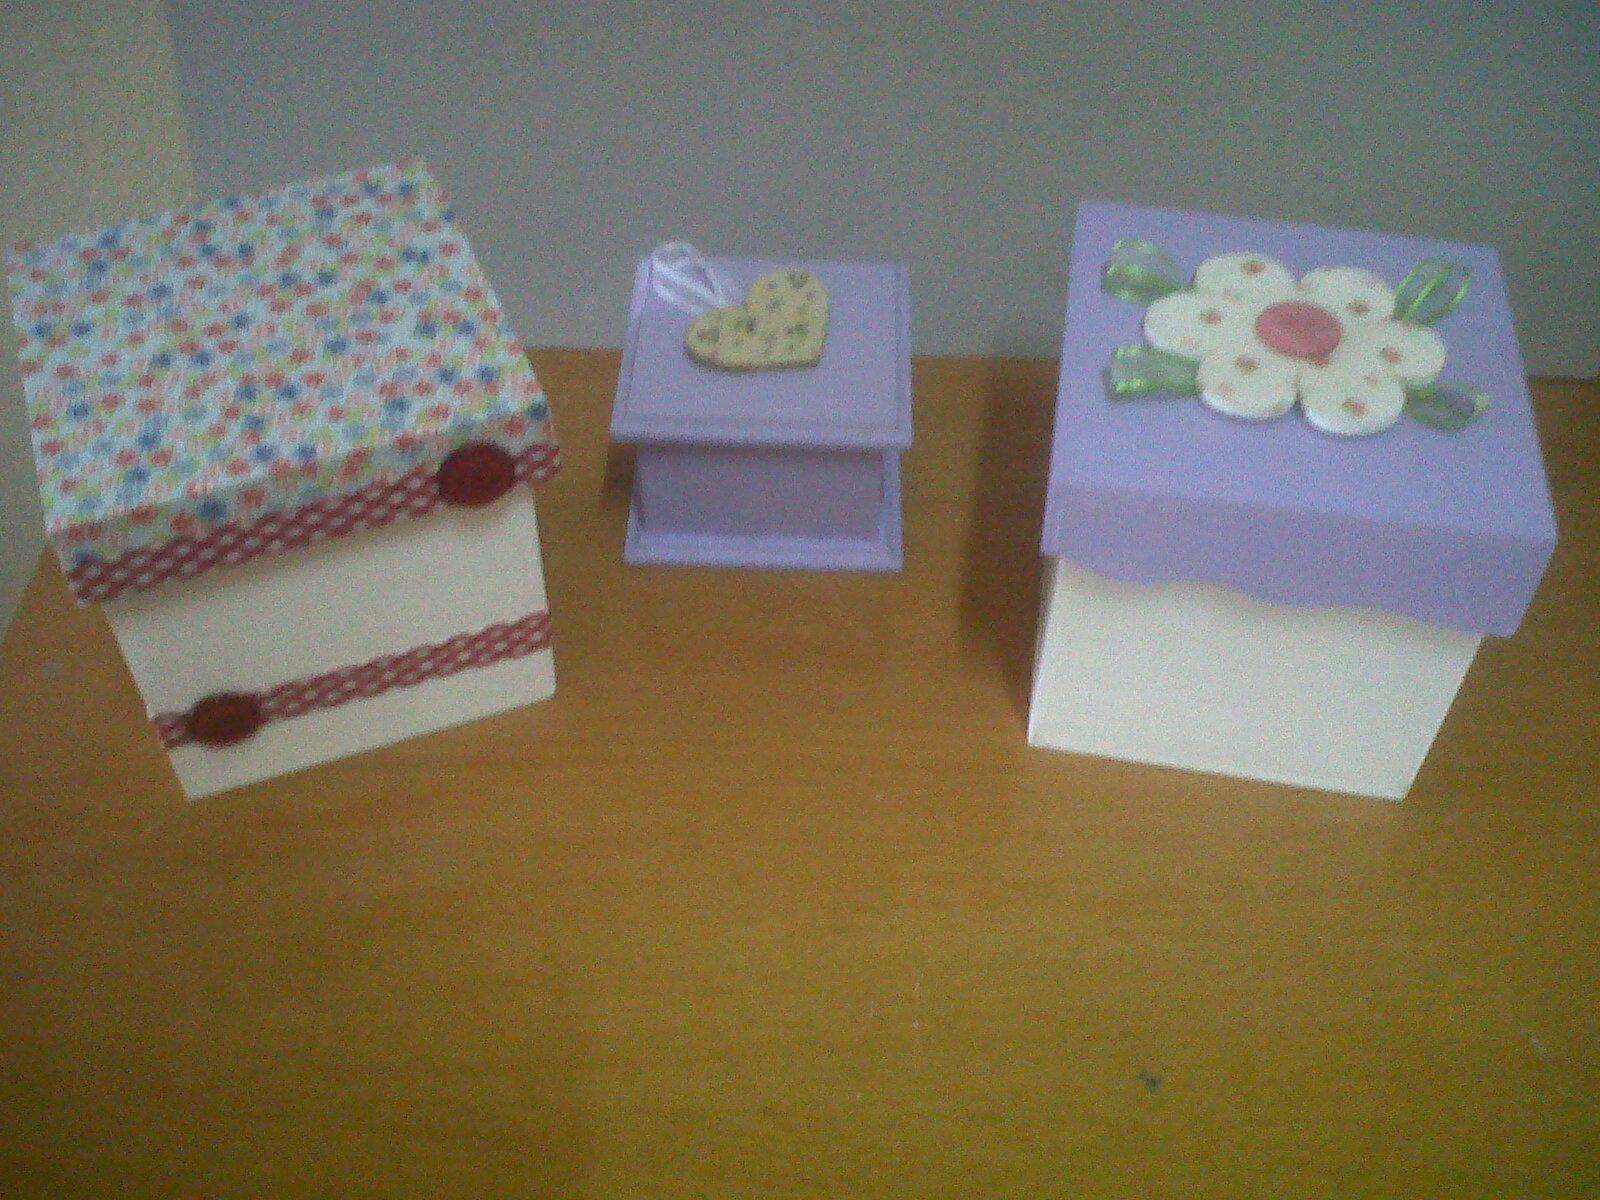 Tiernos dise os artesan as y regalos cajas de madera - Cajas de madera para regalo ...